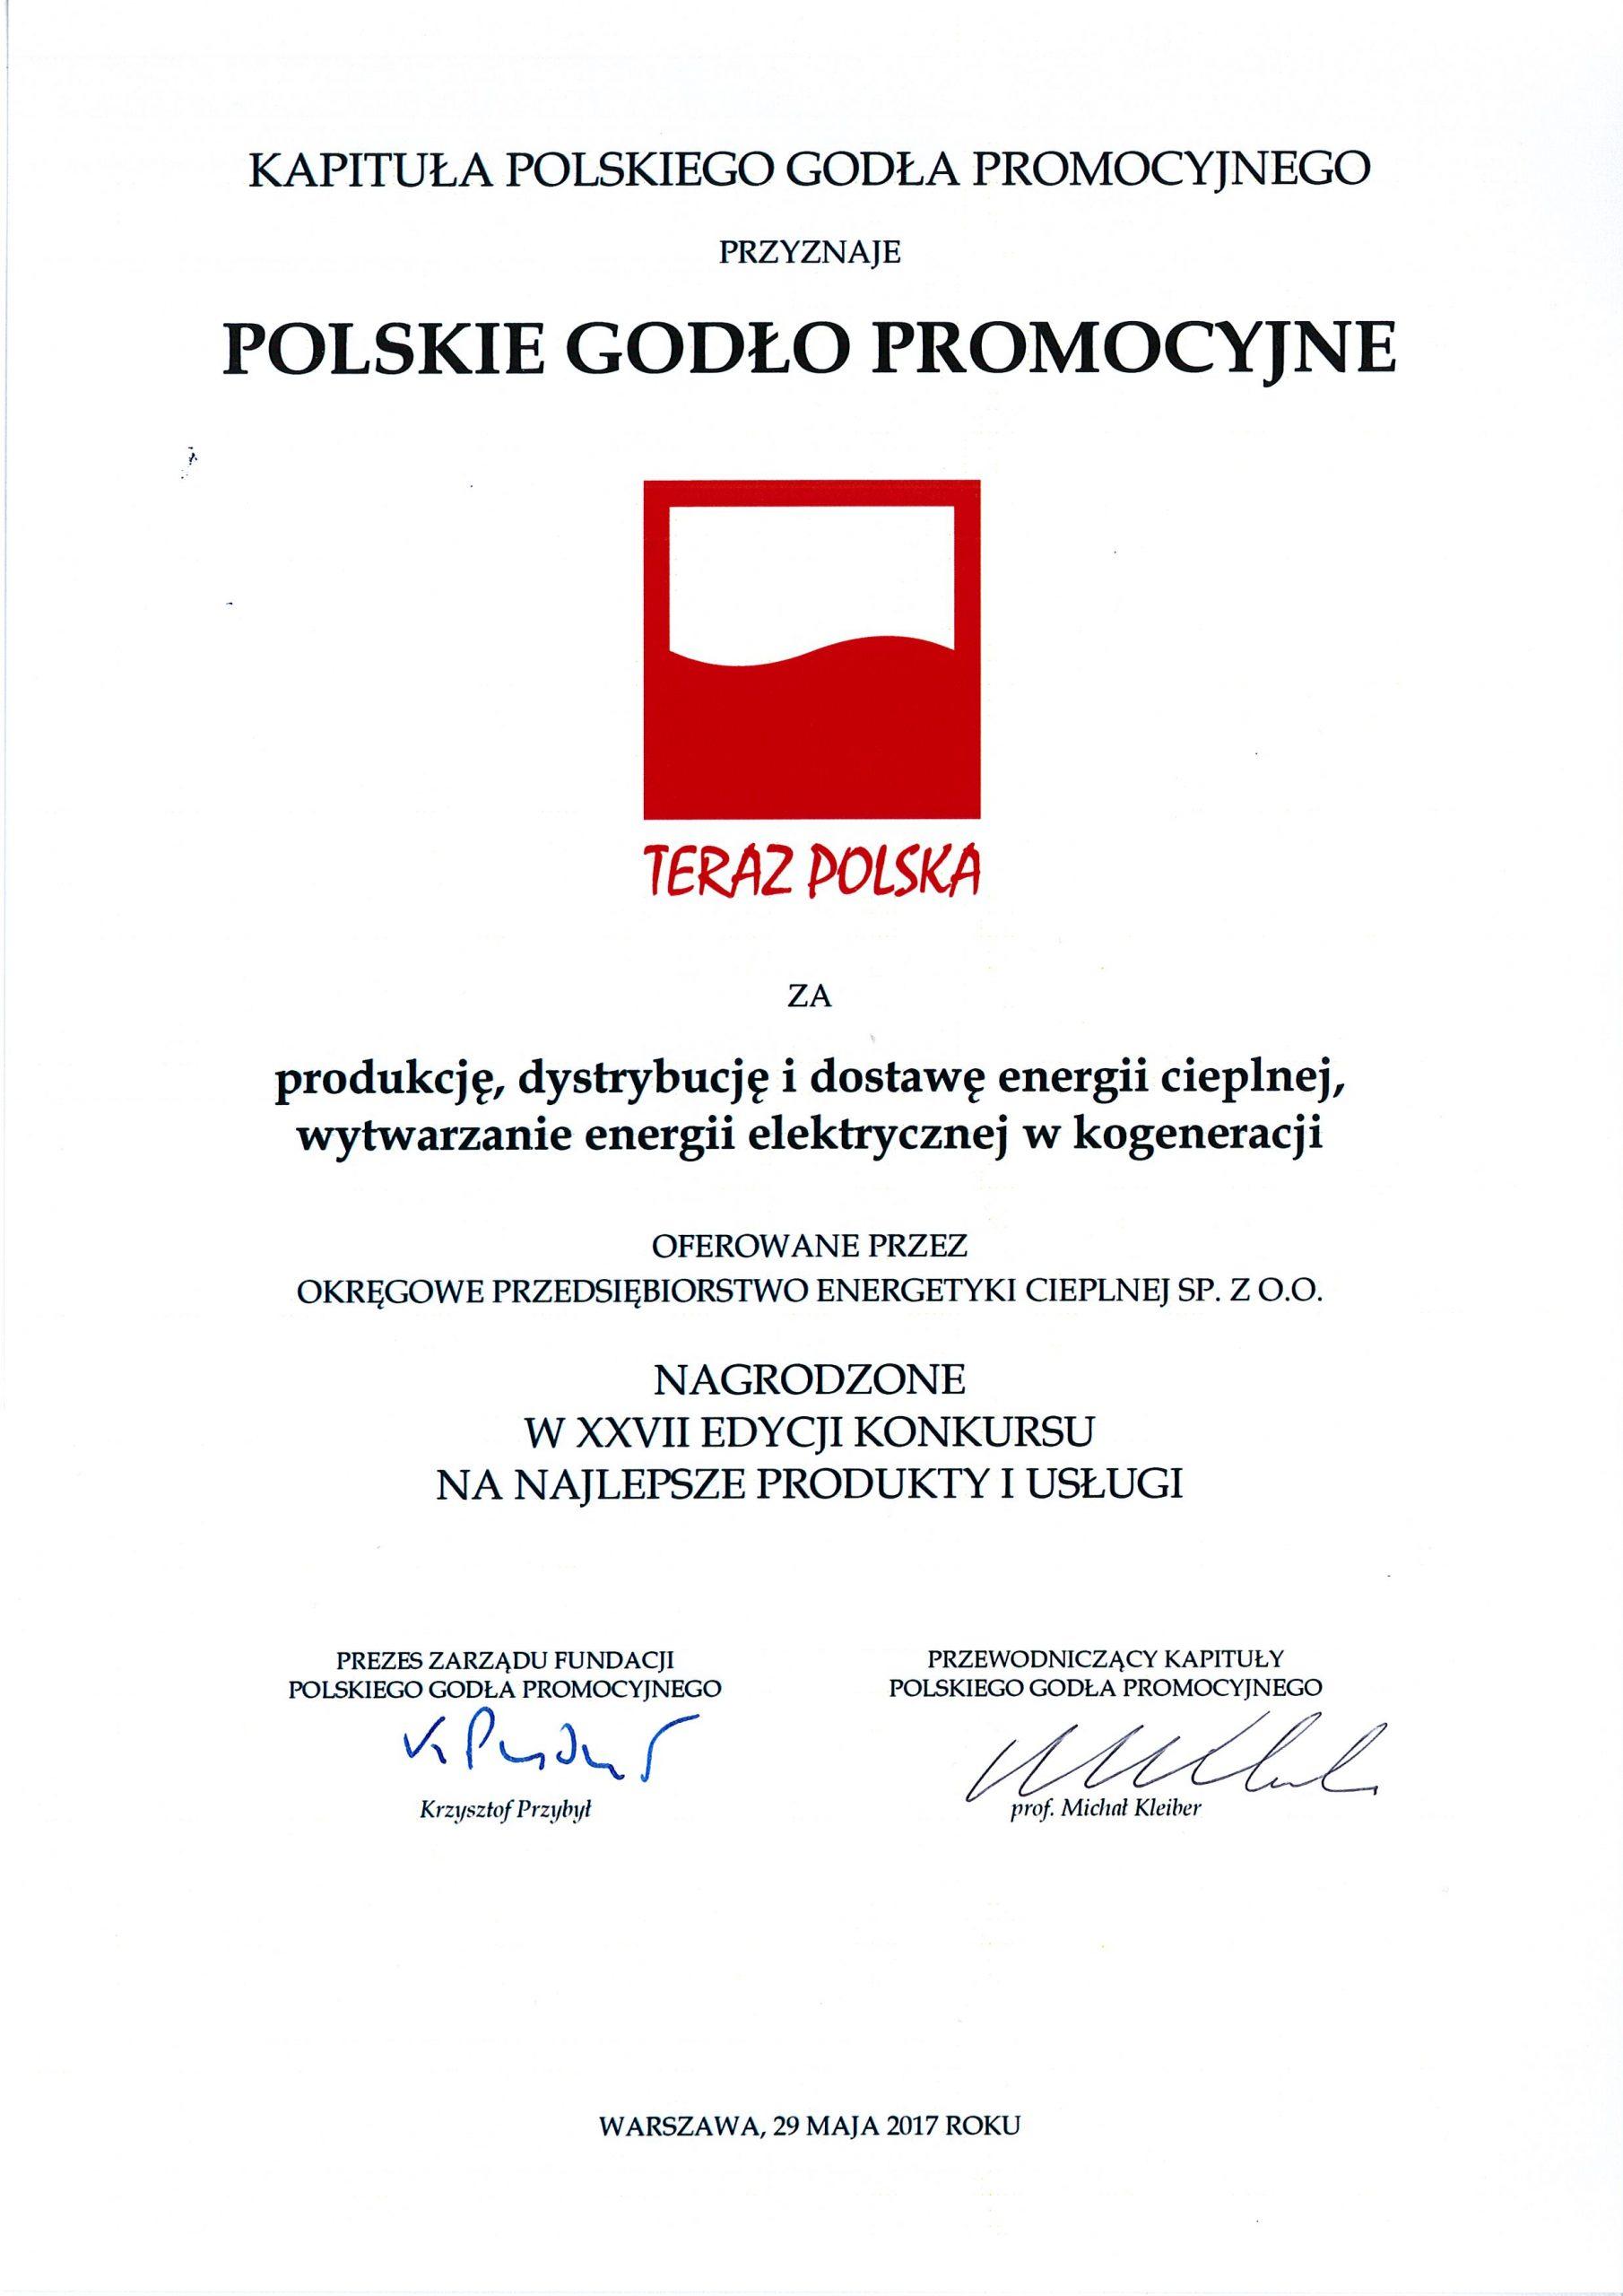 Godło Teraz Polska dla OPEC Gdynia